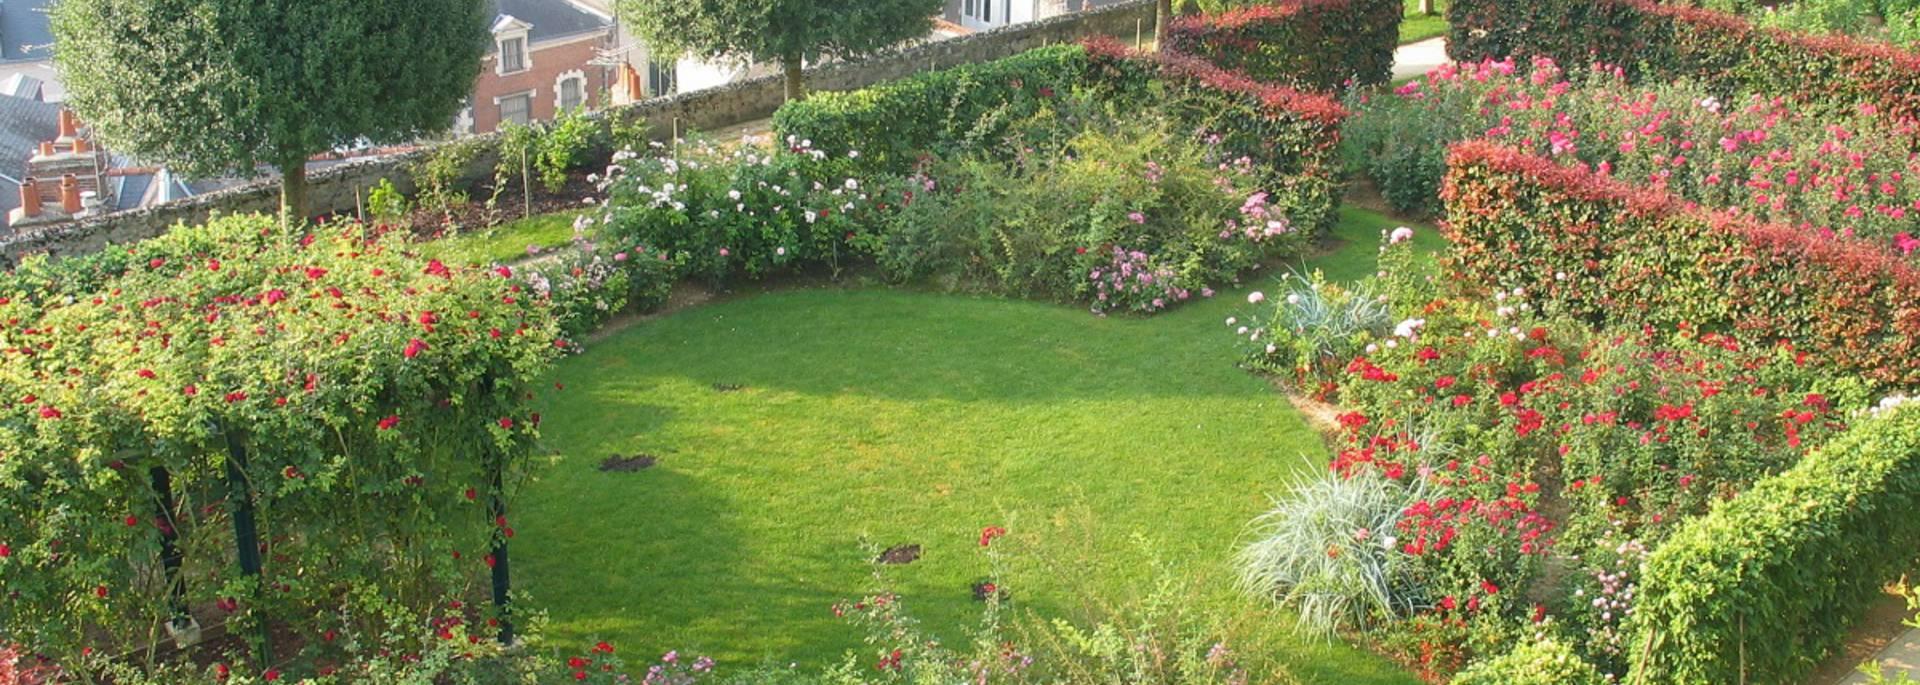 I giardini della sede vescovile di Blois